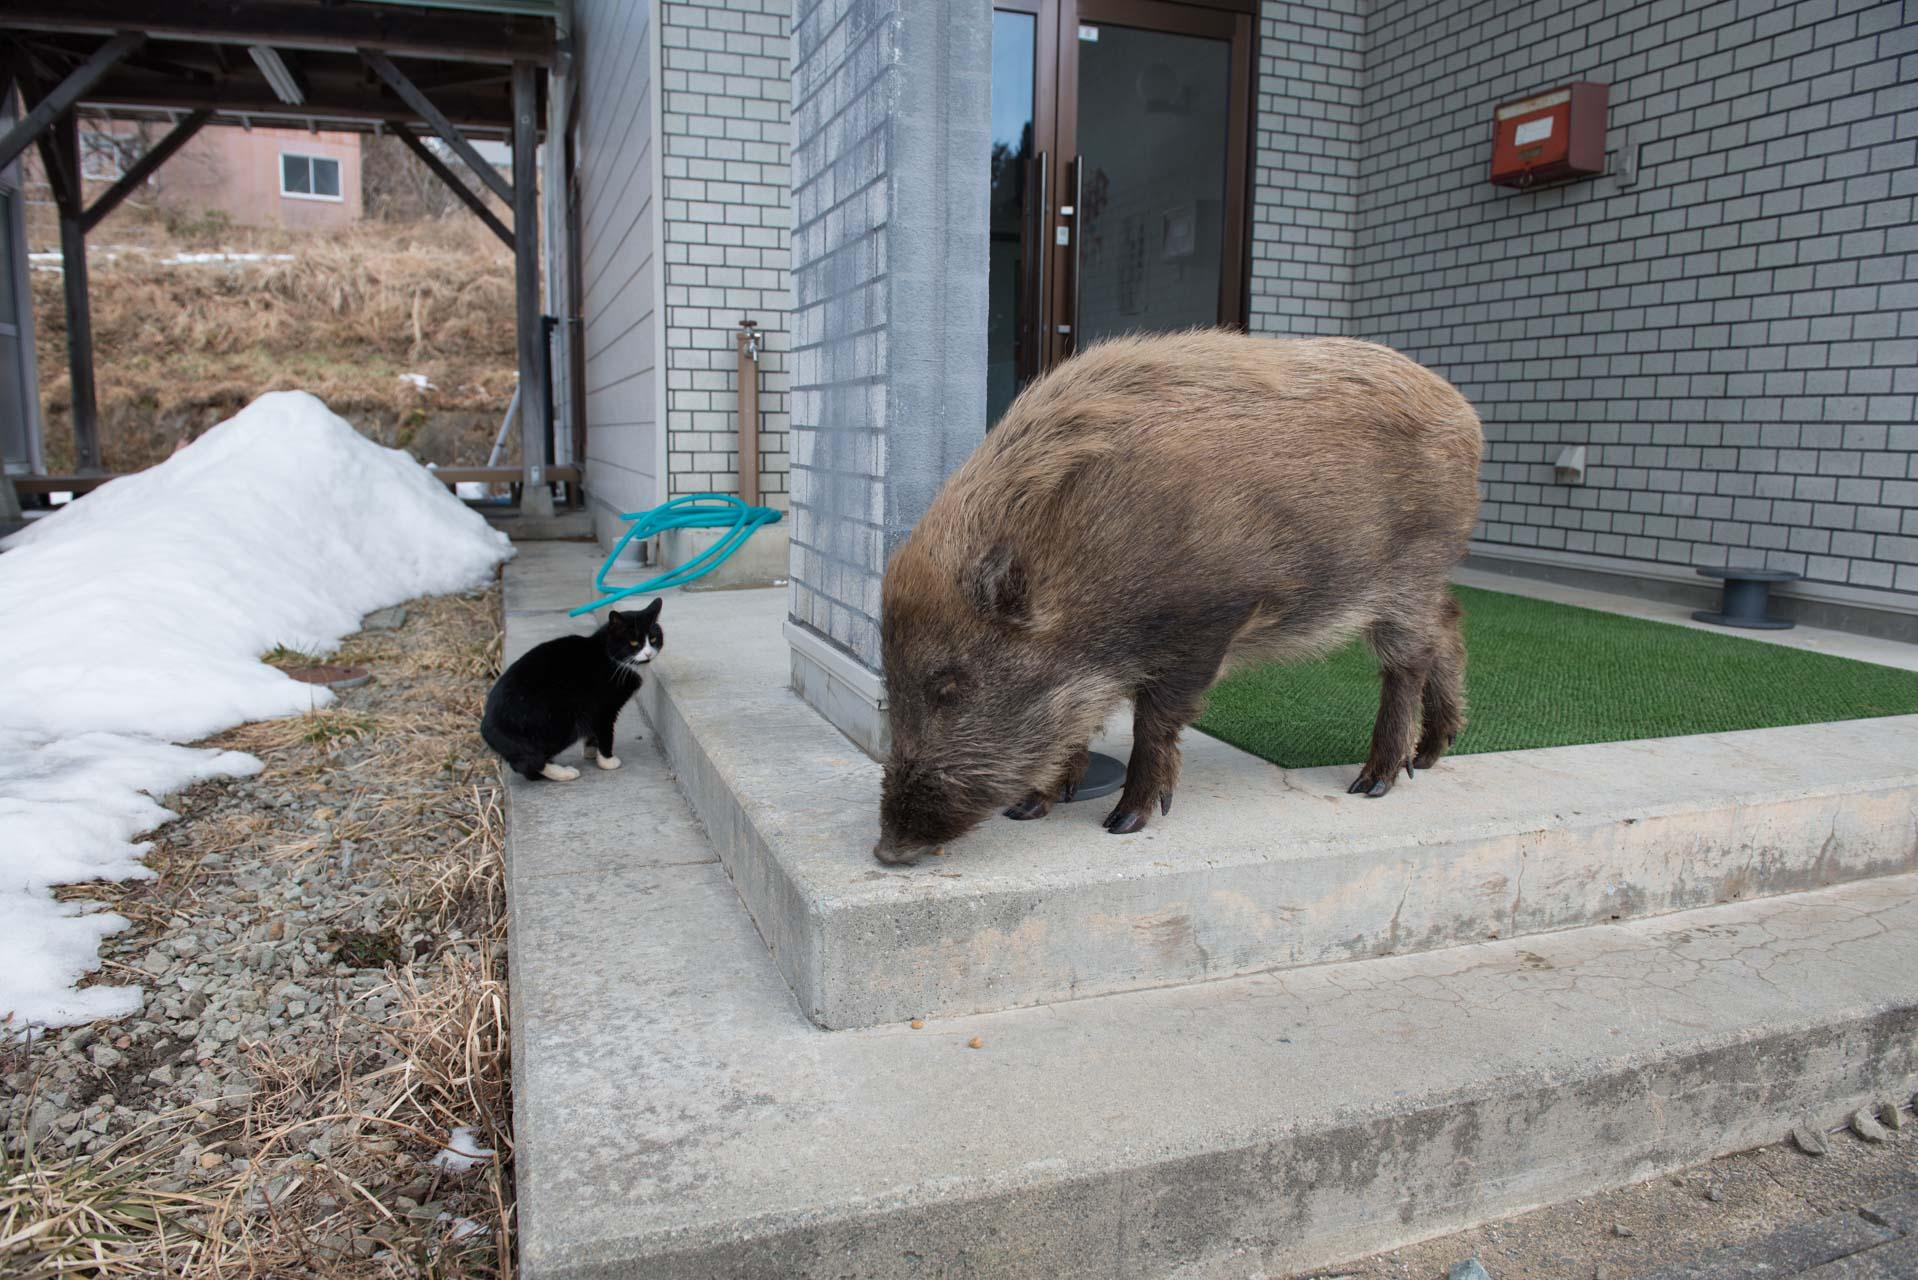 Cat & wildboar